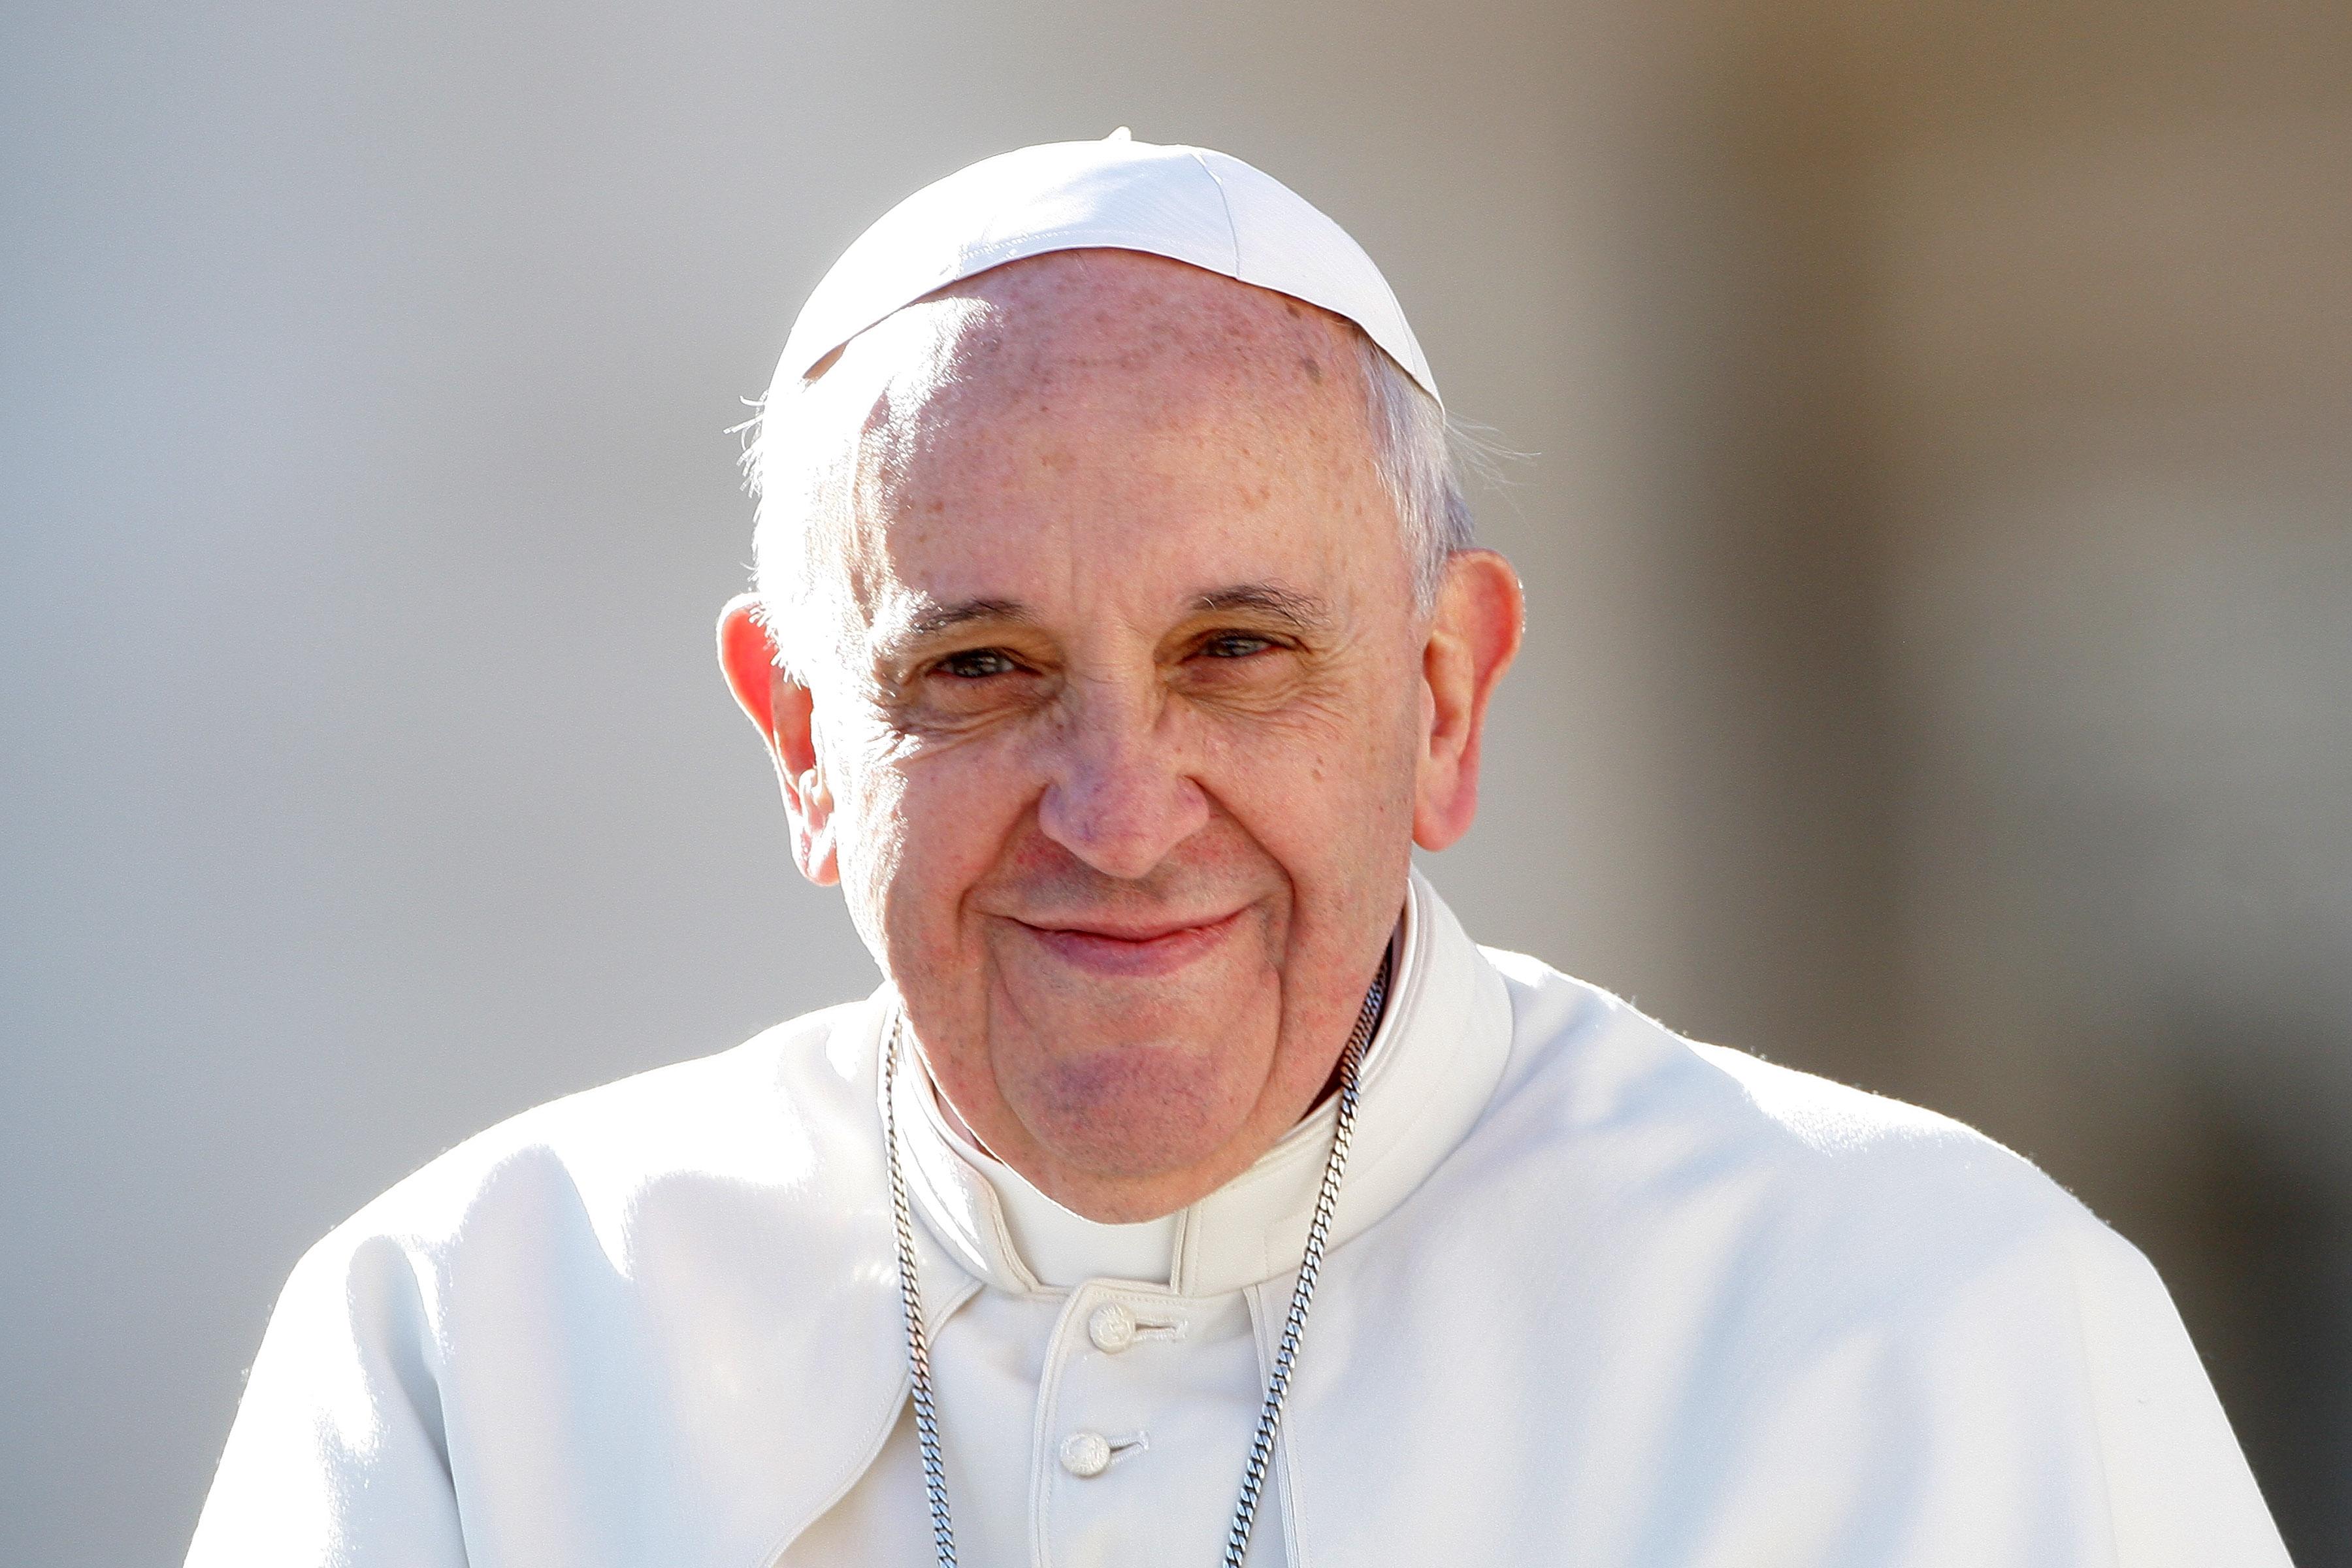 """Papa Francisc: """"Haideți să avem curajul să ieșim mai bine decât înainte pentru a construi perioada de după criză în mod pozitiv"""""""